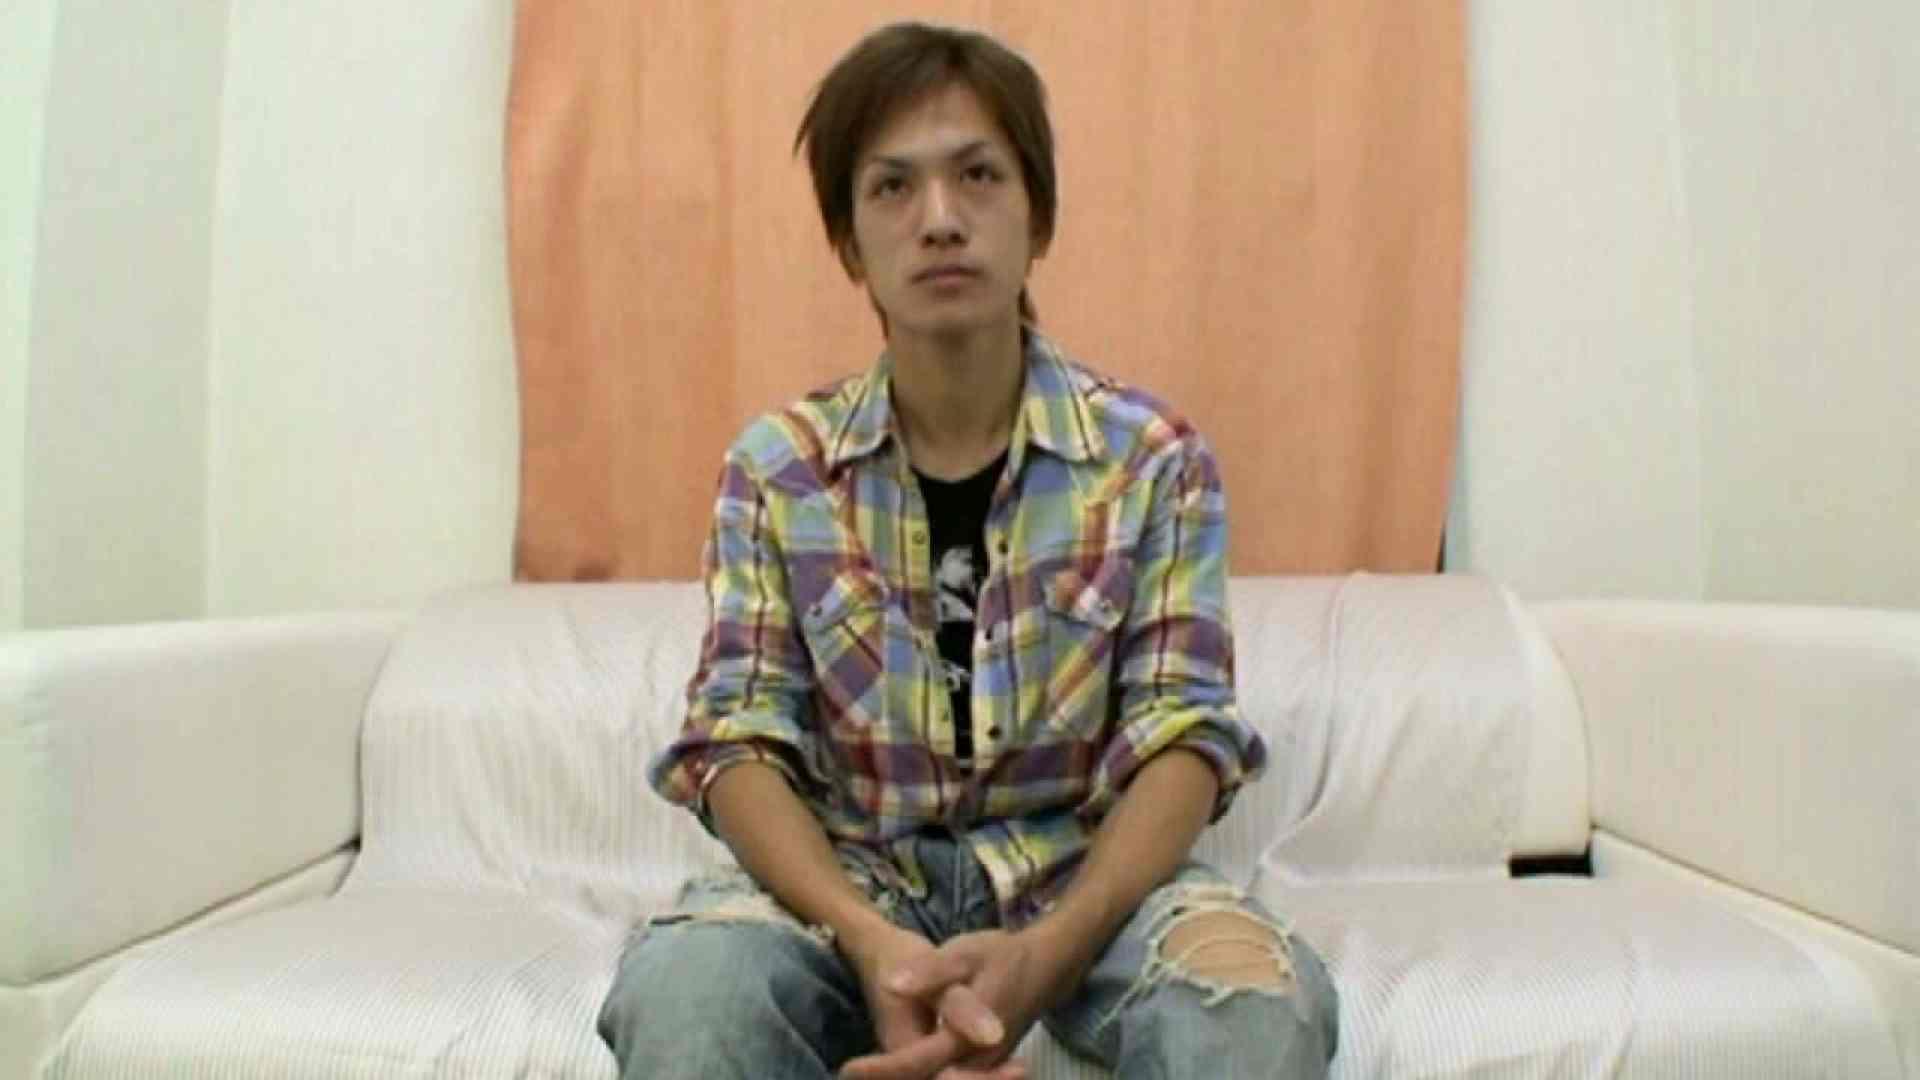 ノンケ!自慰スタジオ No.03 オナニー ゲイAV画像 101pic 51